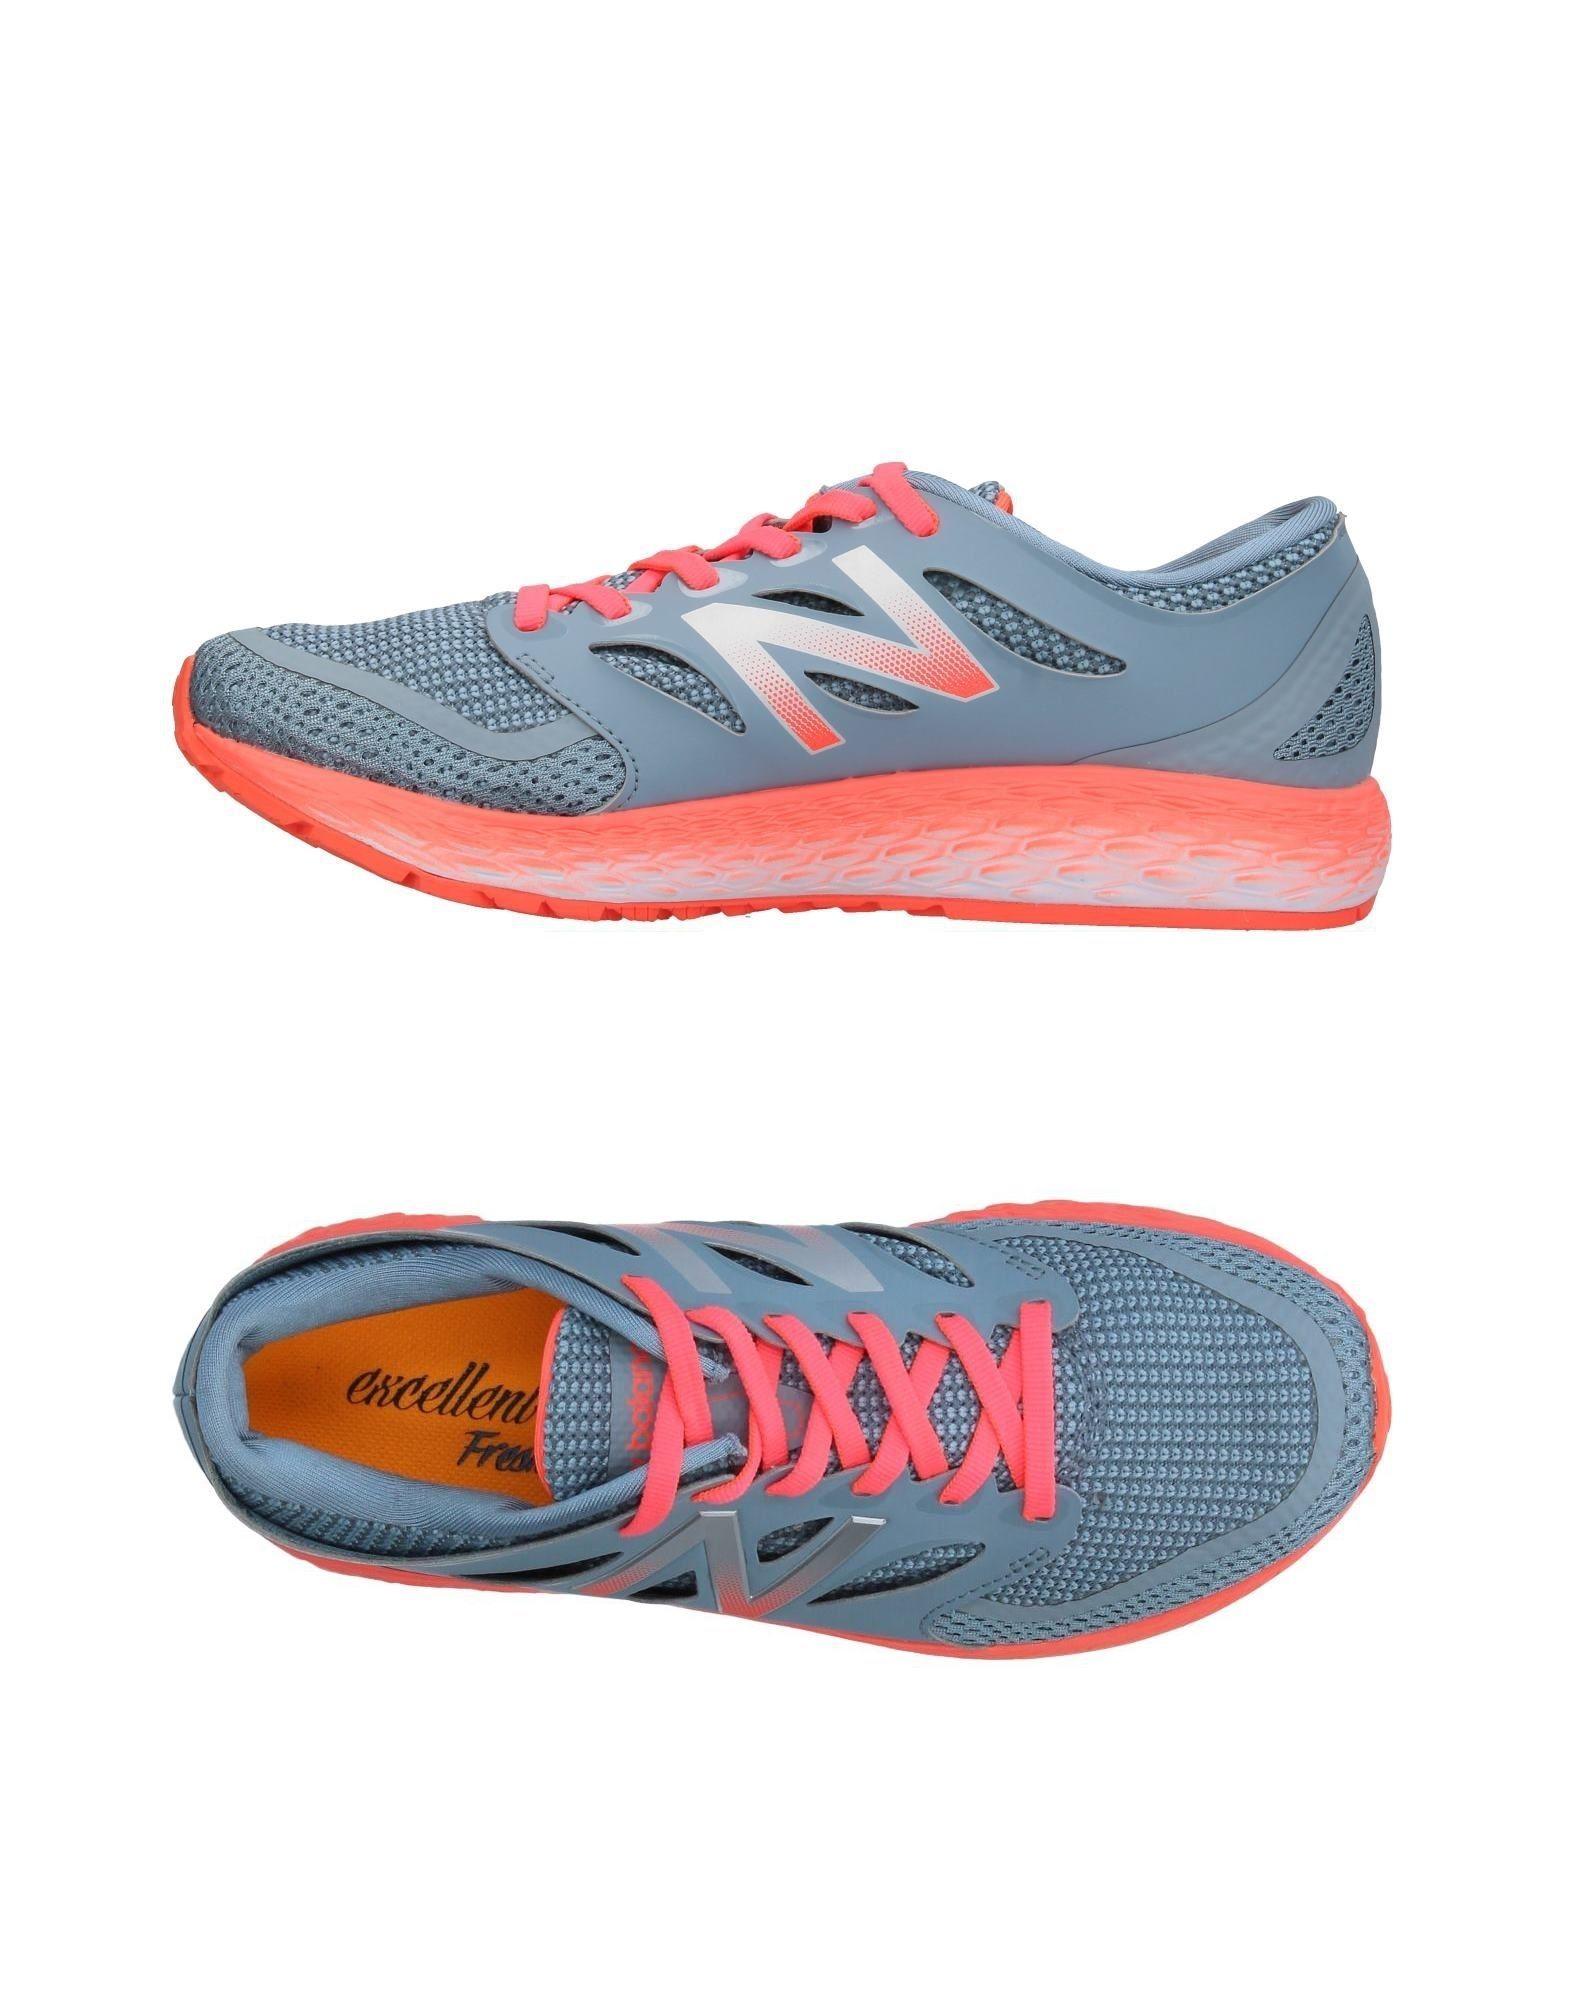 New Balance Sneakers Damen  11369533DL Gute Qualität beliebte Schuhe